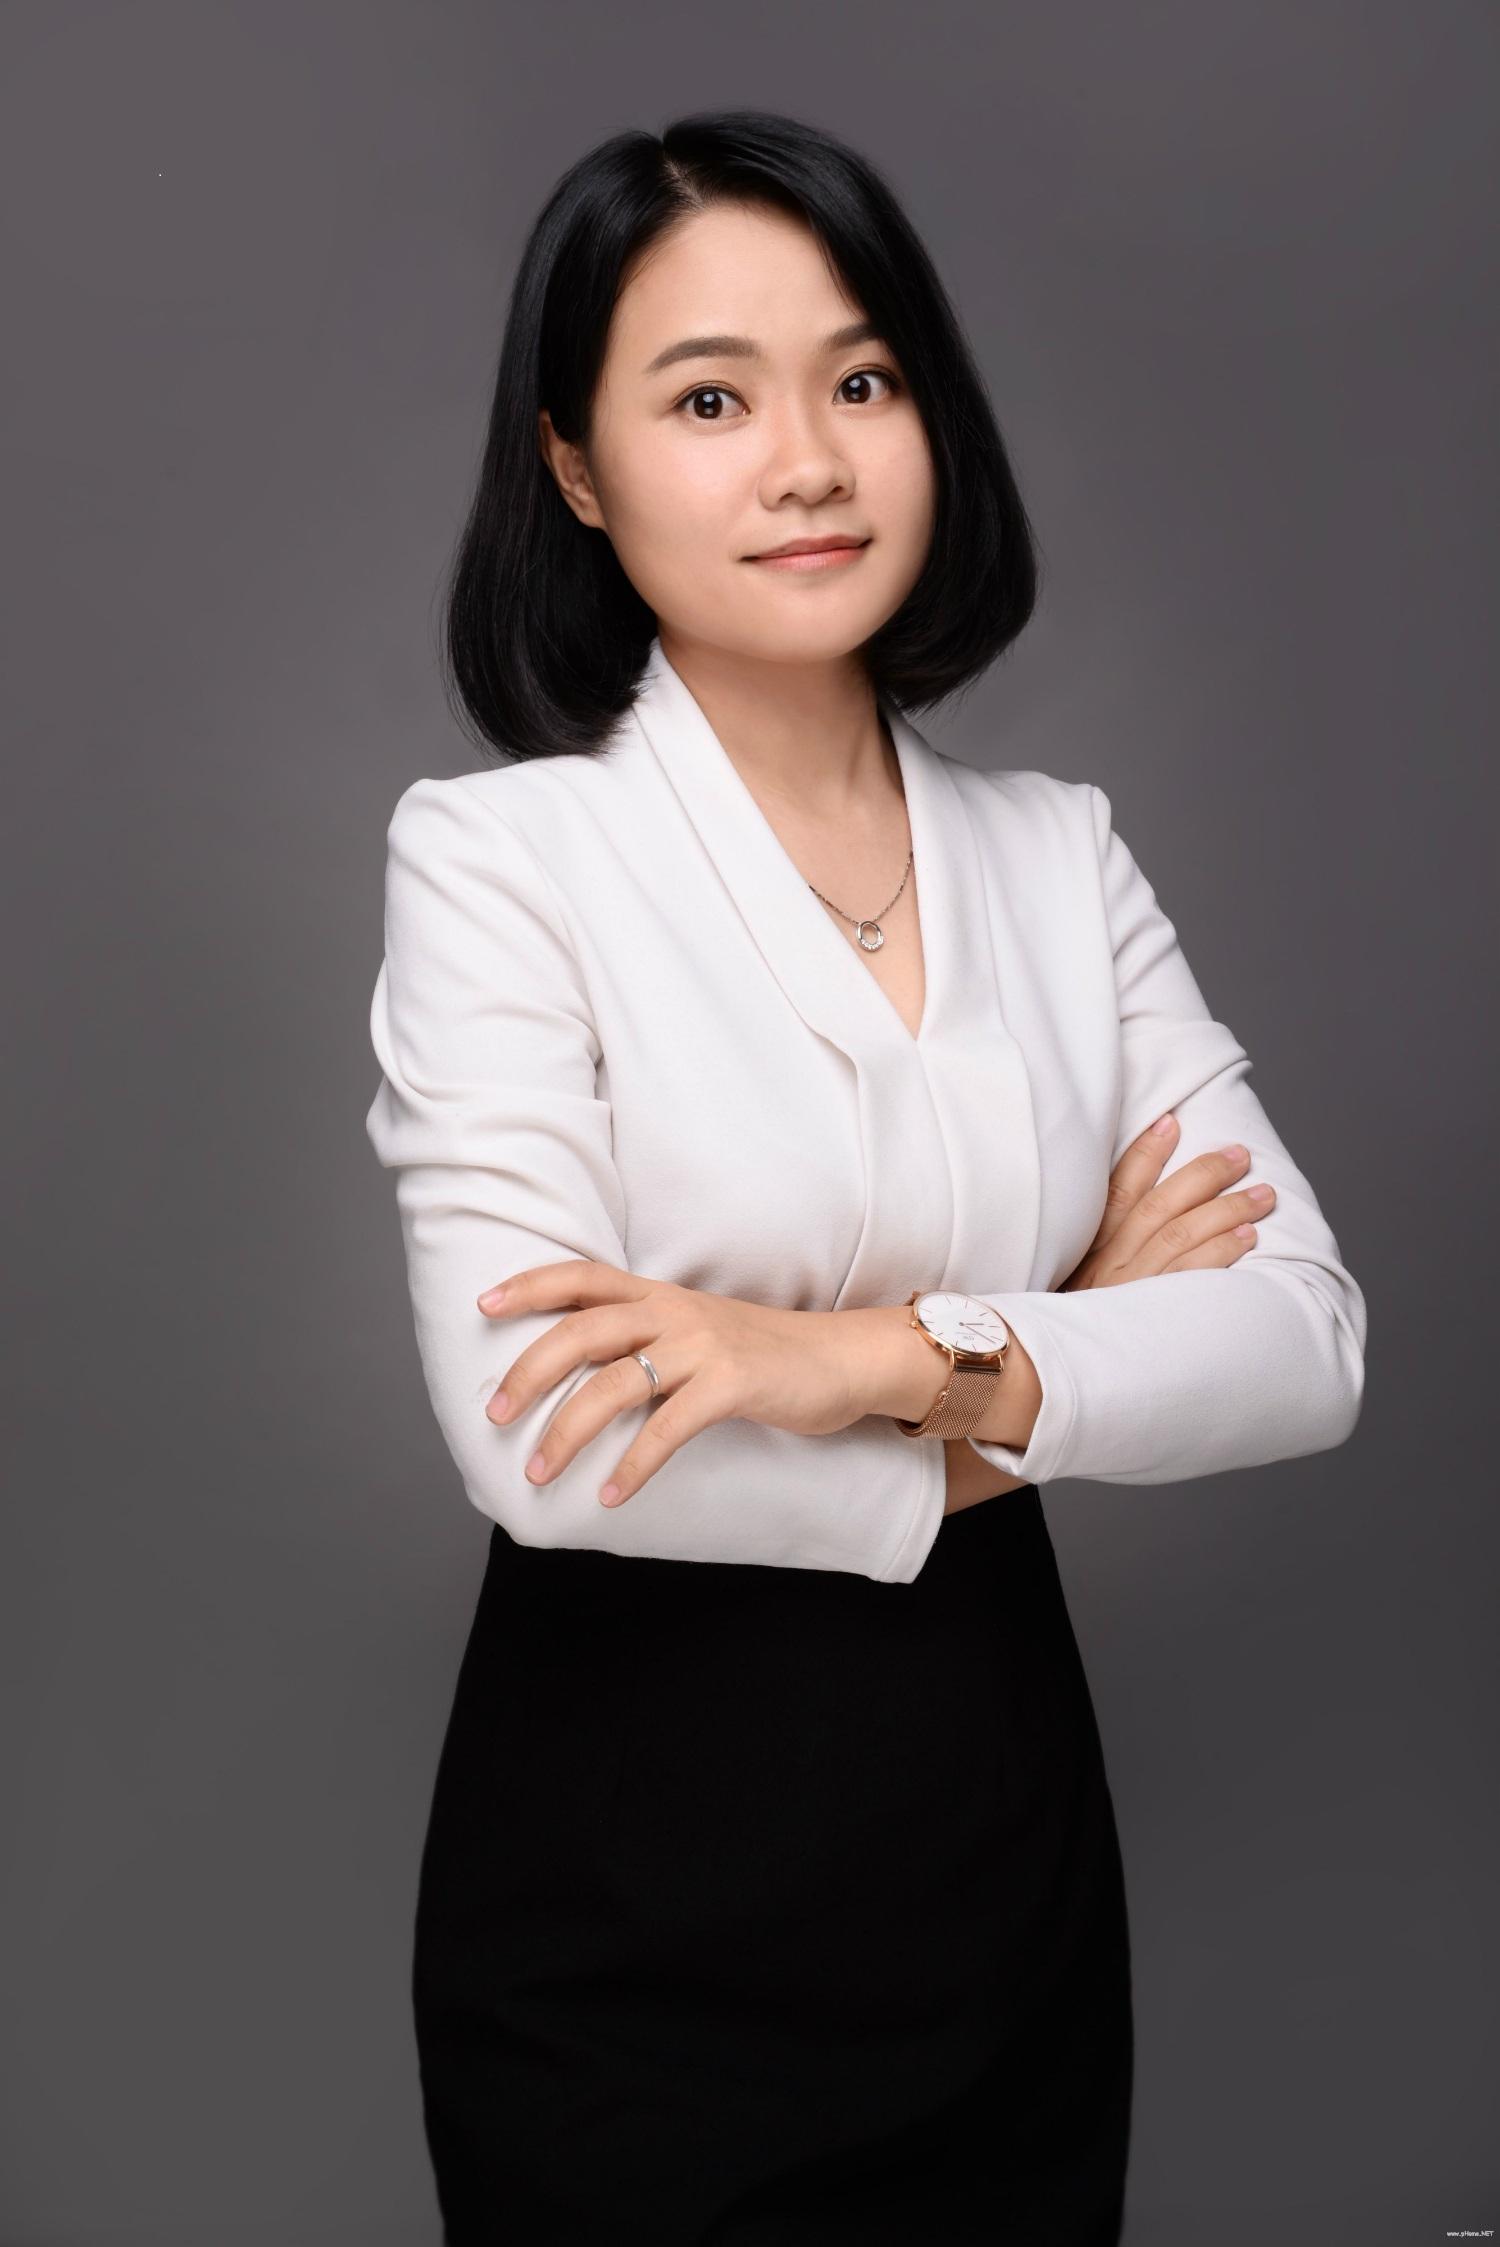 陈舒媚律师